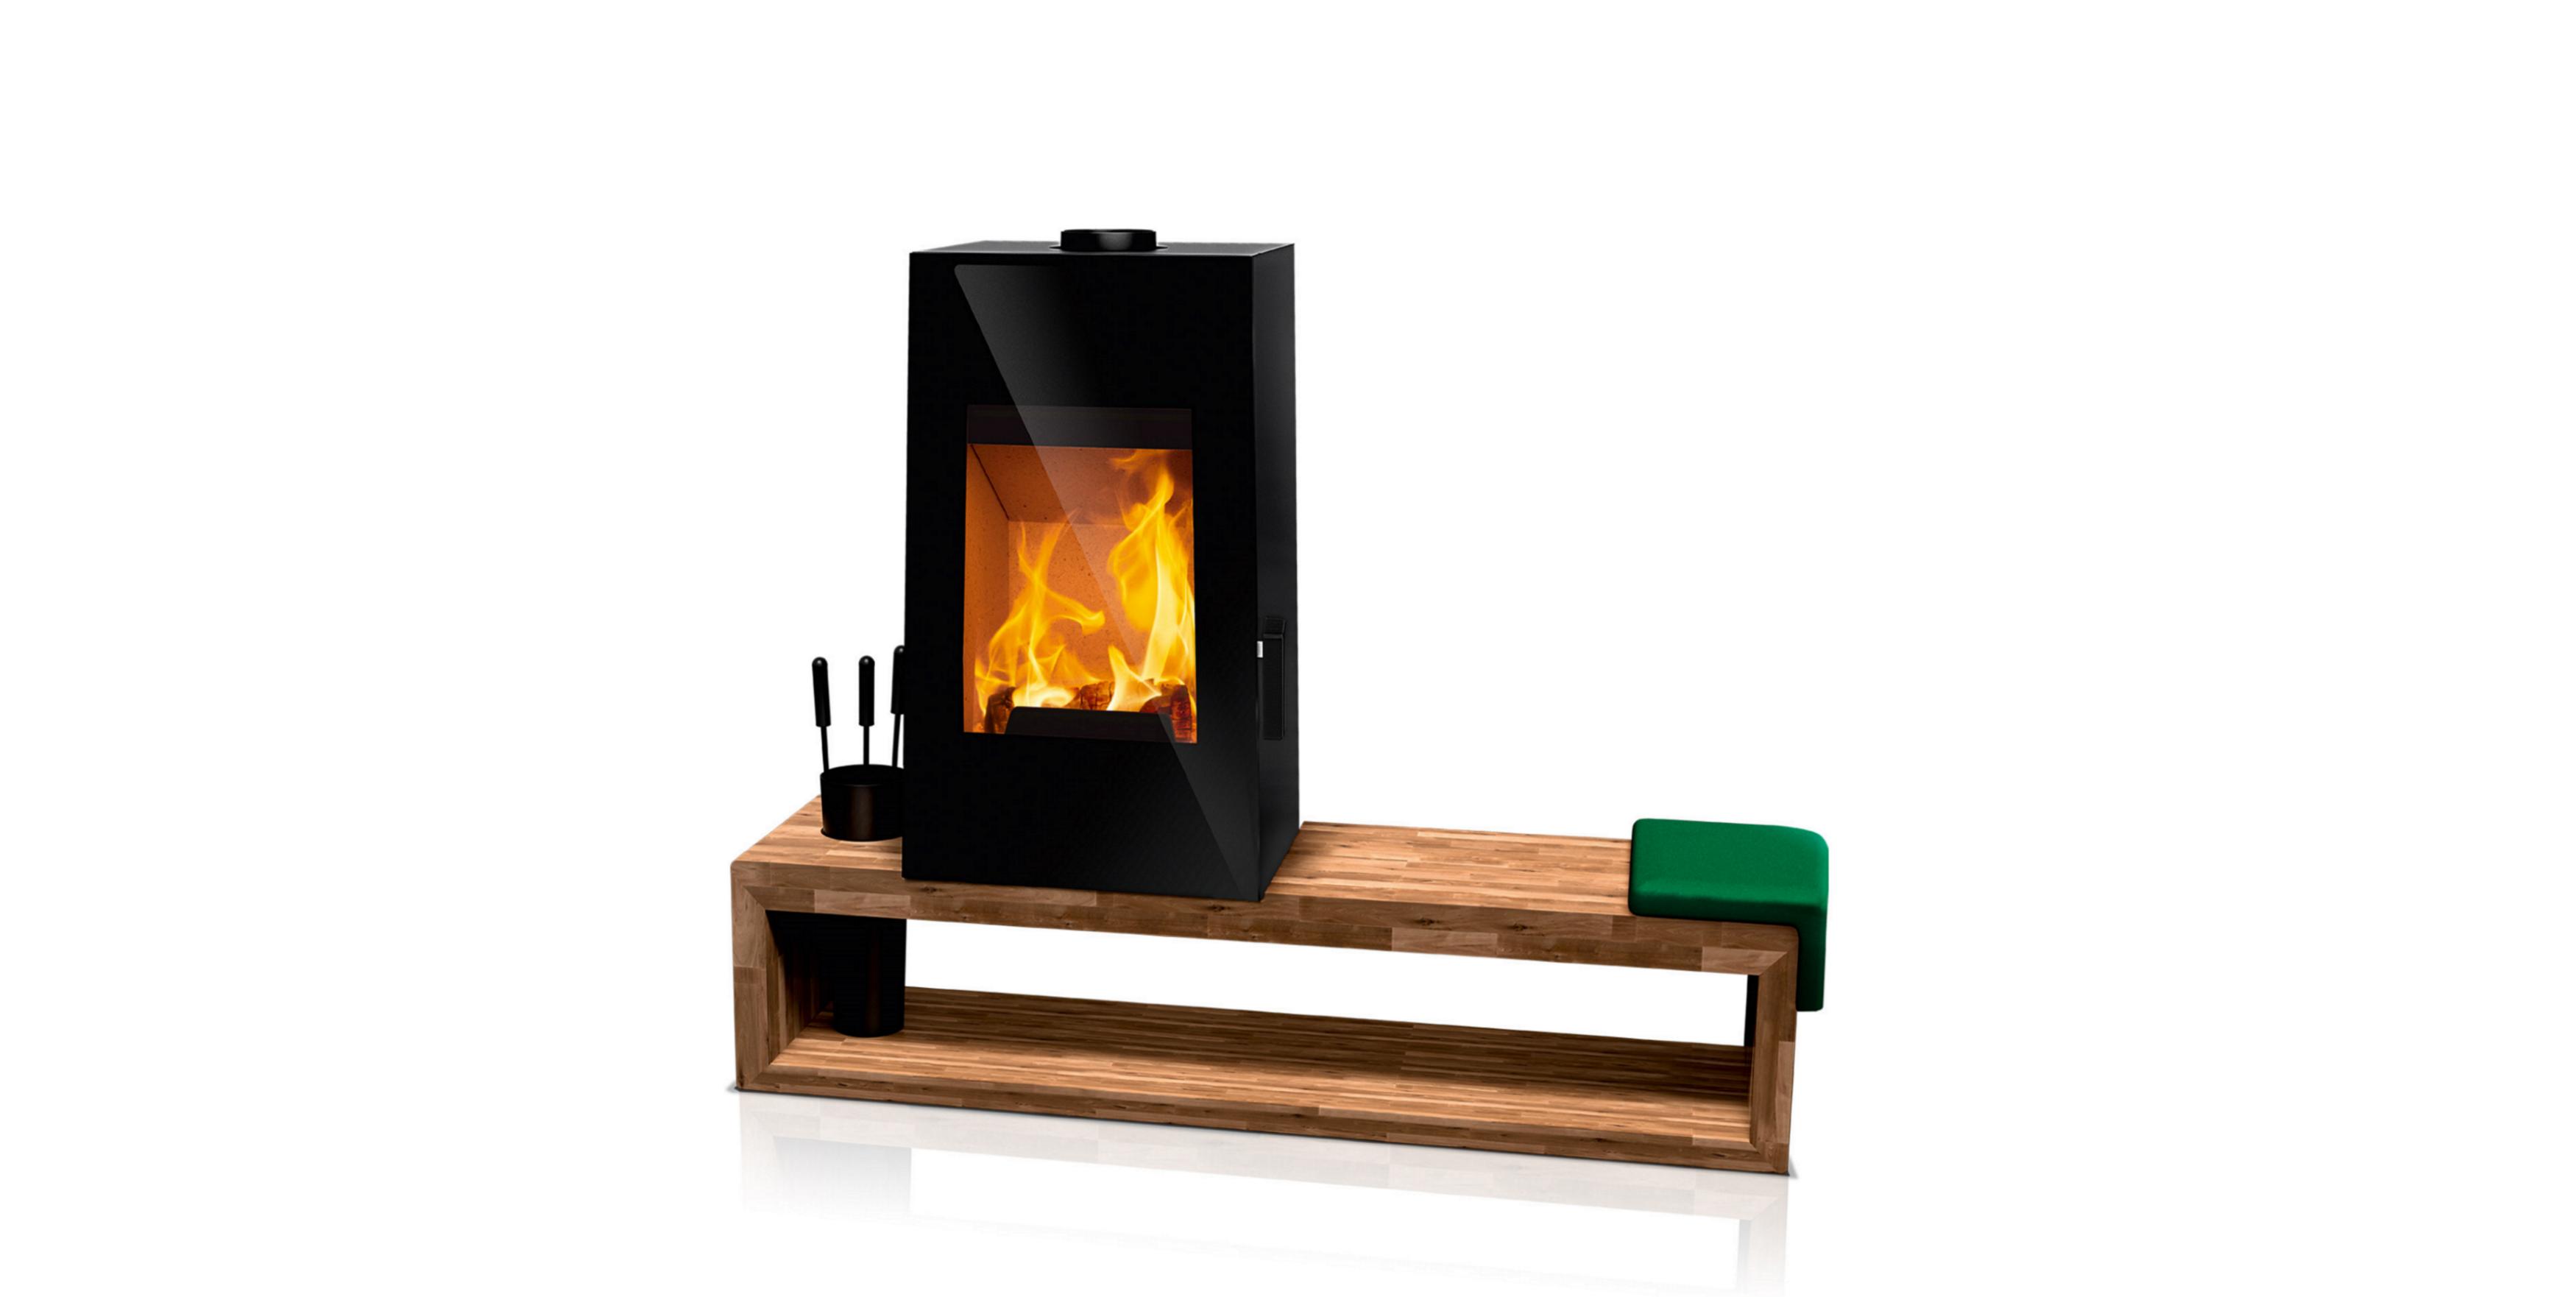 kaminofen rudelmann feuer und design bodmann. Black Bedroom Furniture Sets. Home Design Ideas